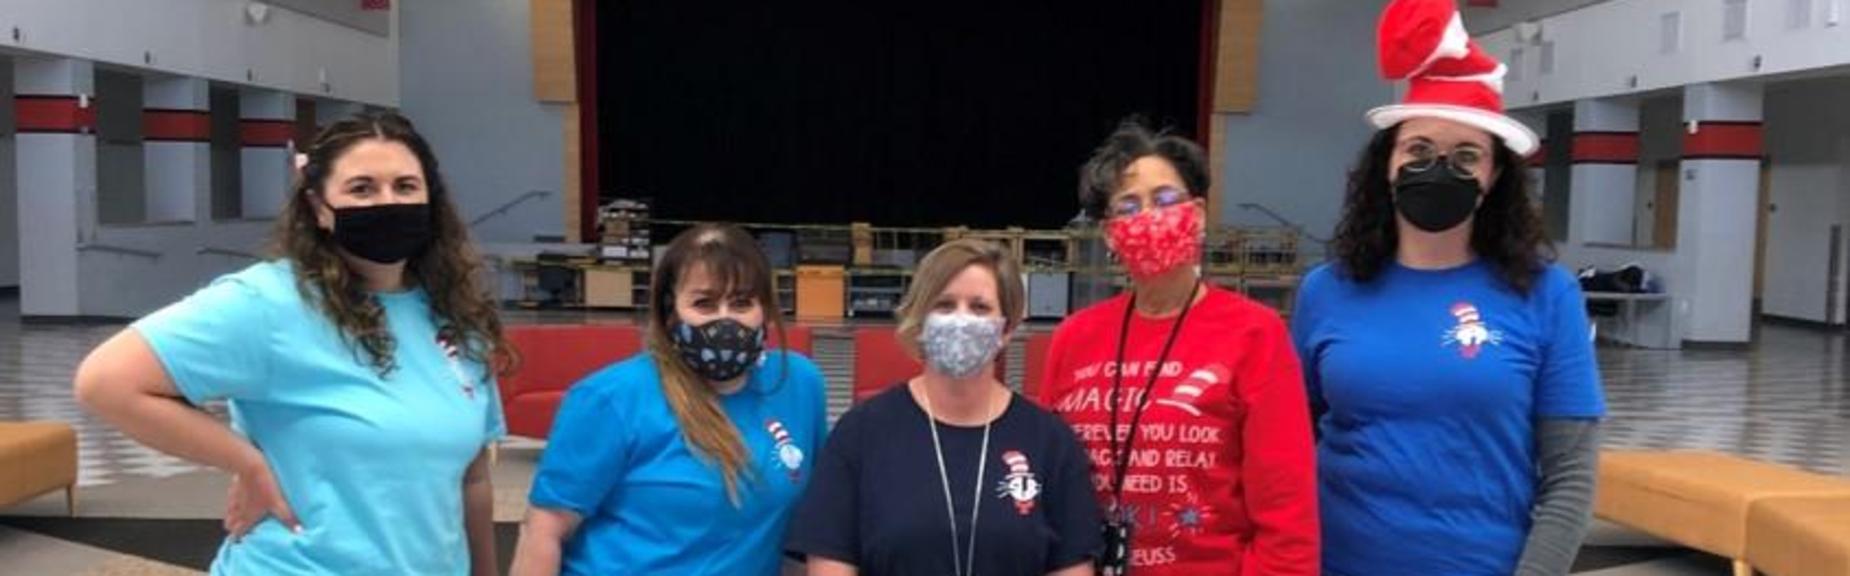 Five ladies wearing masks.